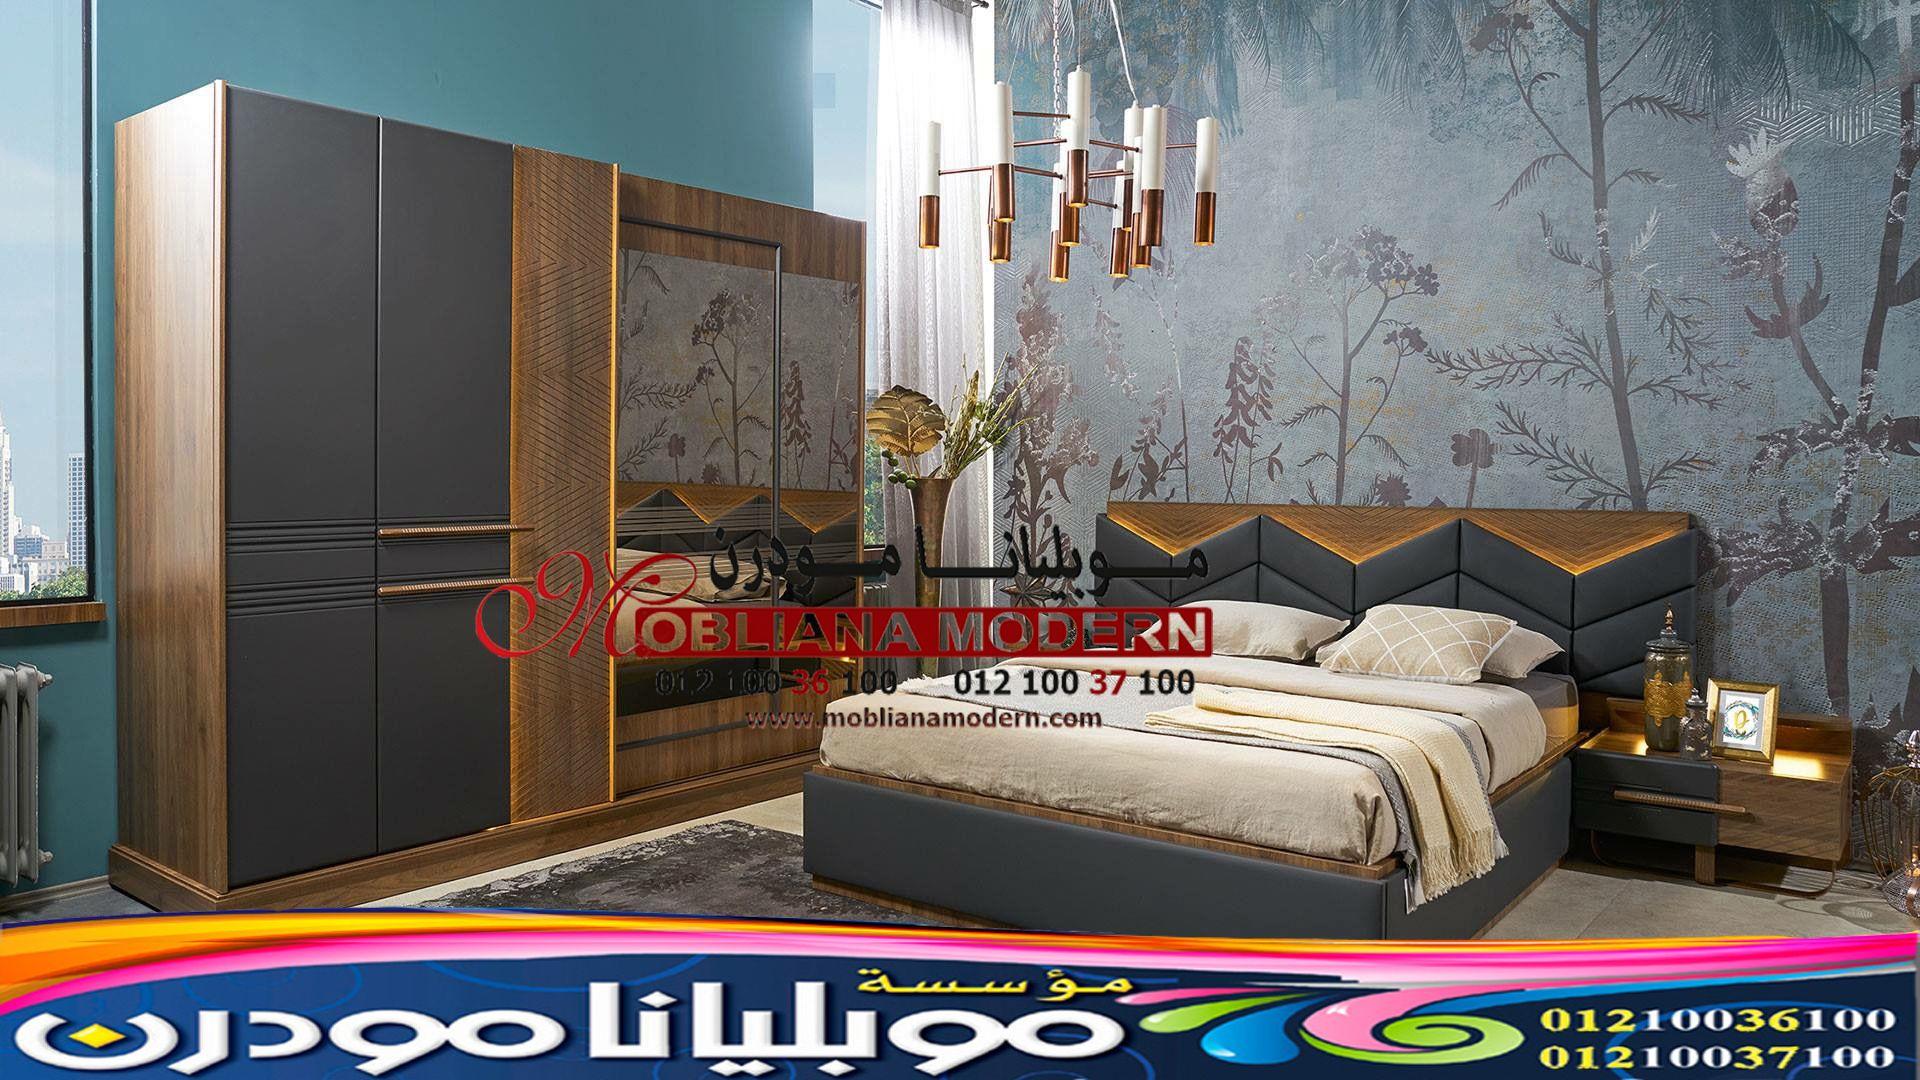 غرف نوم موبليانا مودرن غرف النوم الجرار غرف نوم جرار تركي In 2020 Home Decor Furniture Home